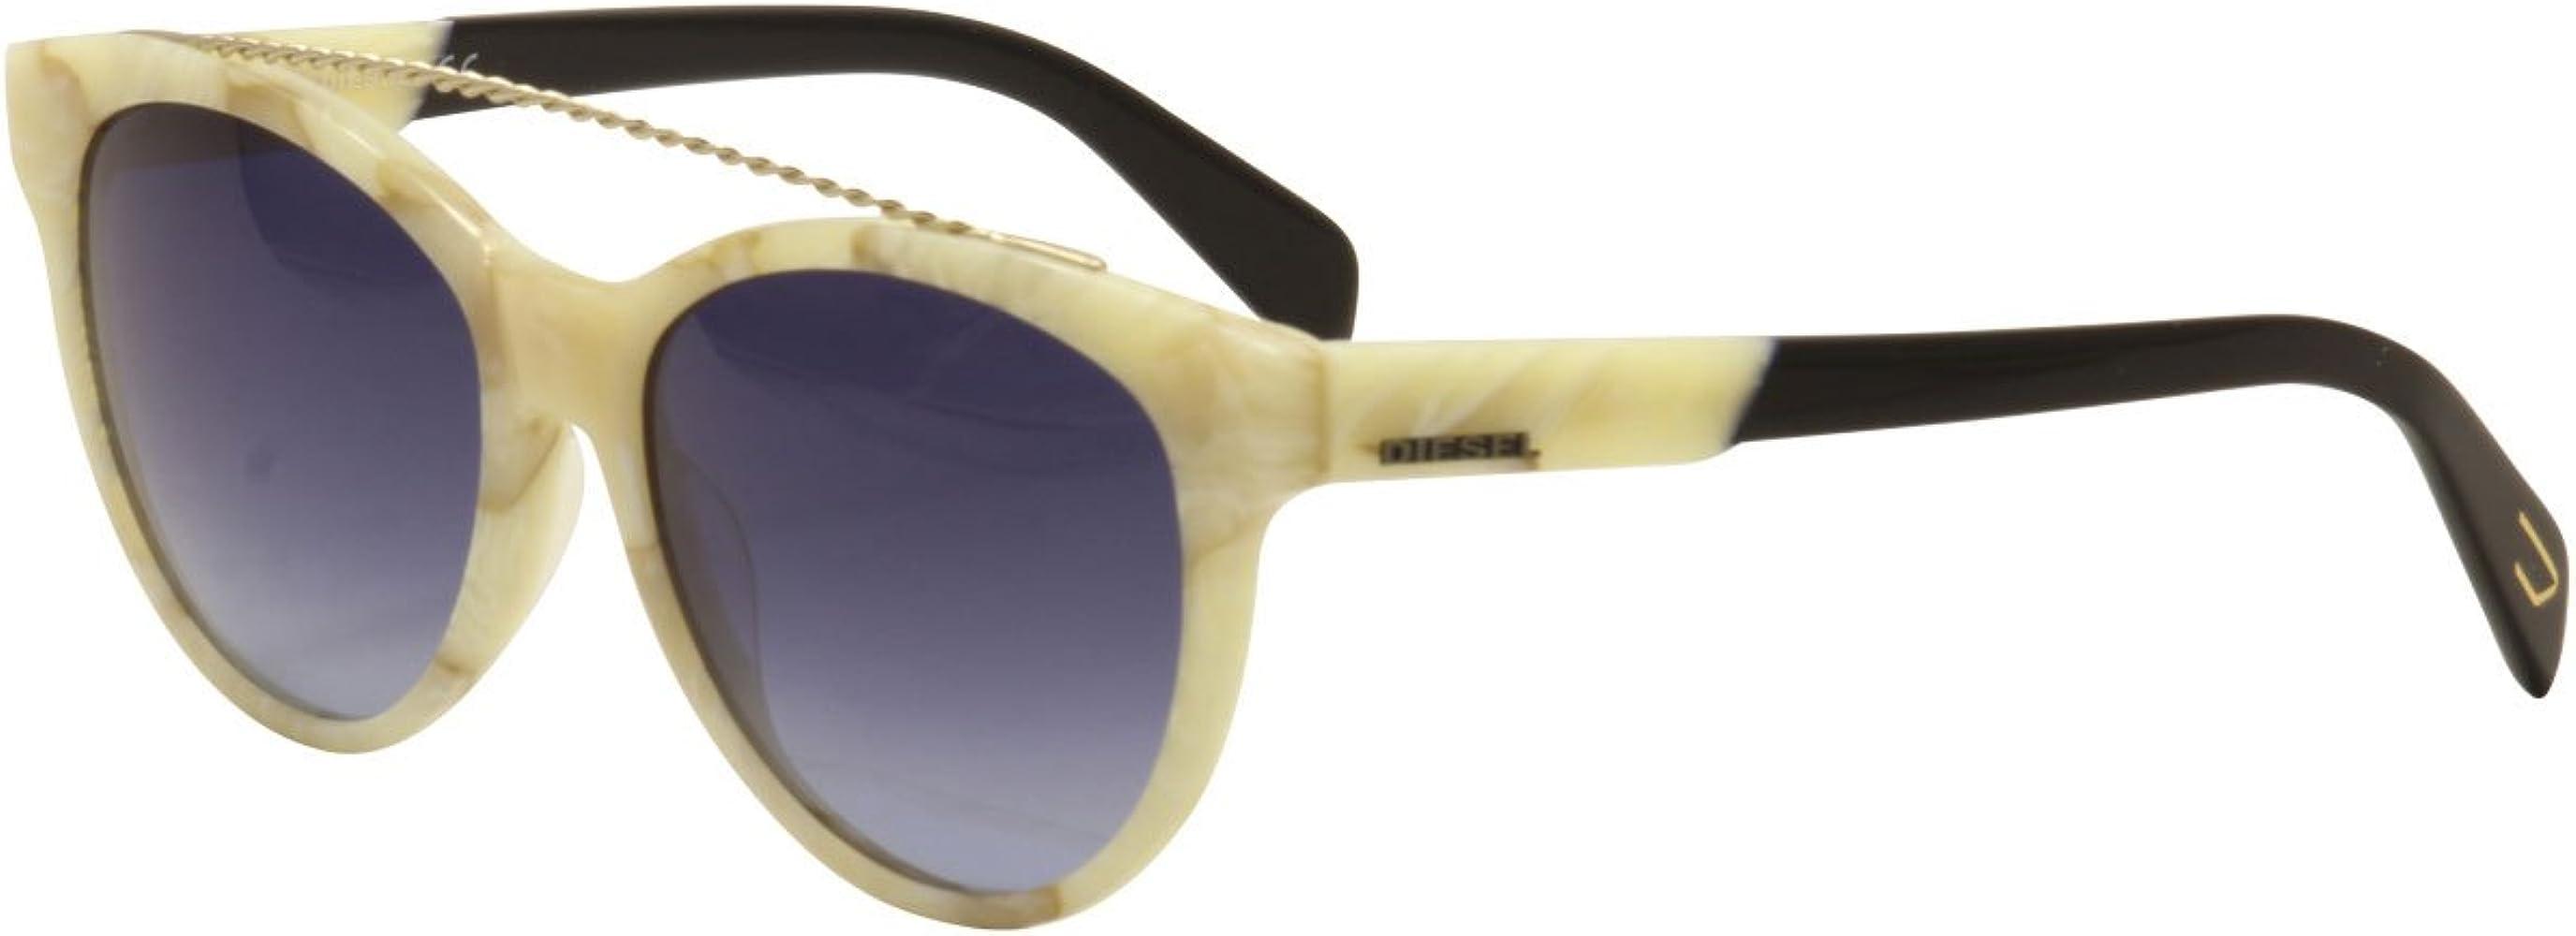 Diesel Gafas de Sol 189 (54 mm) Crudo: Amazon.es: Ropa y ...